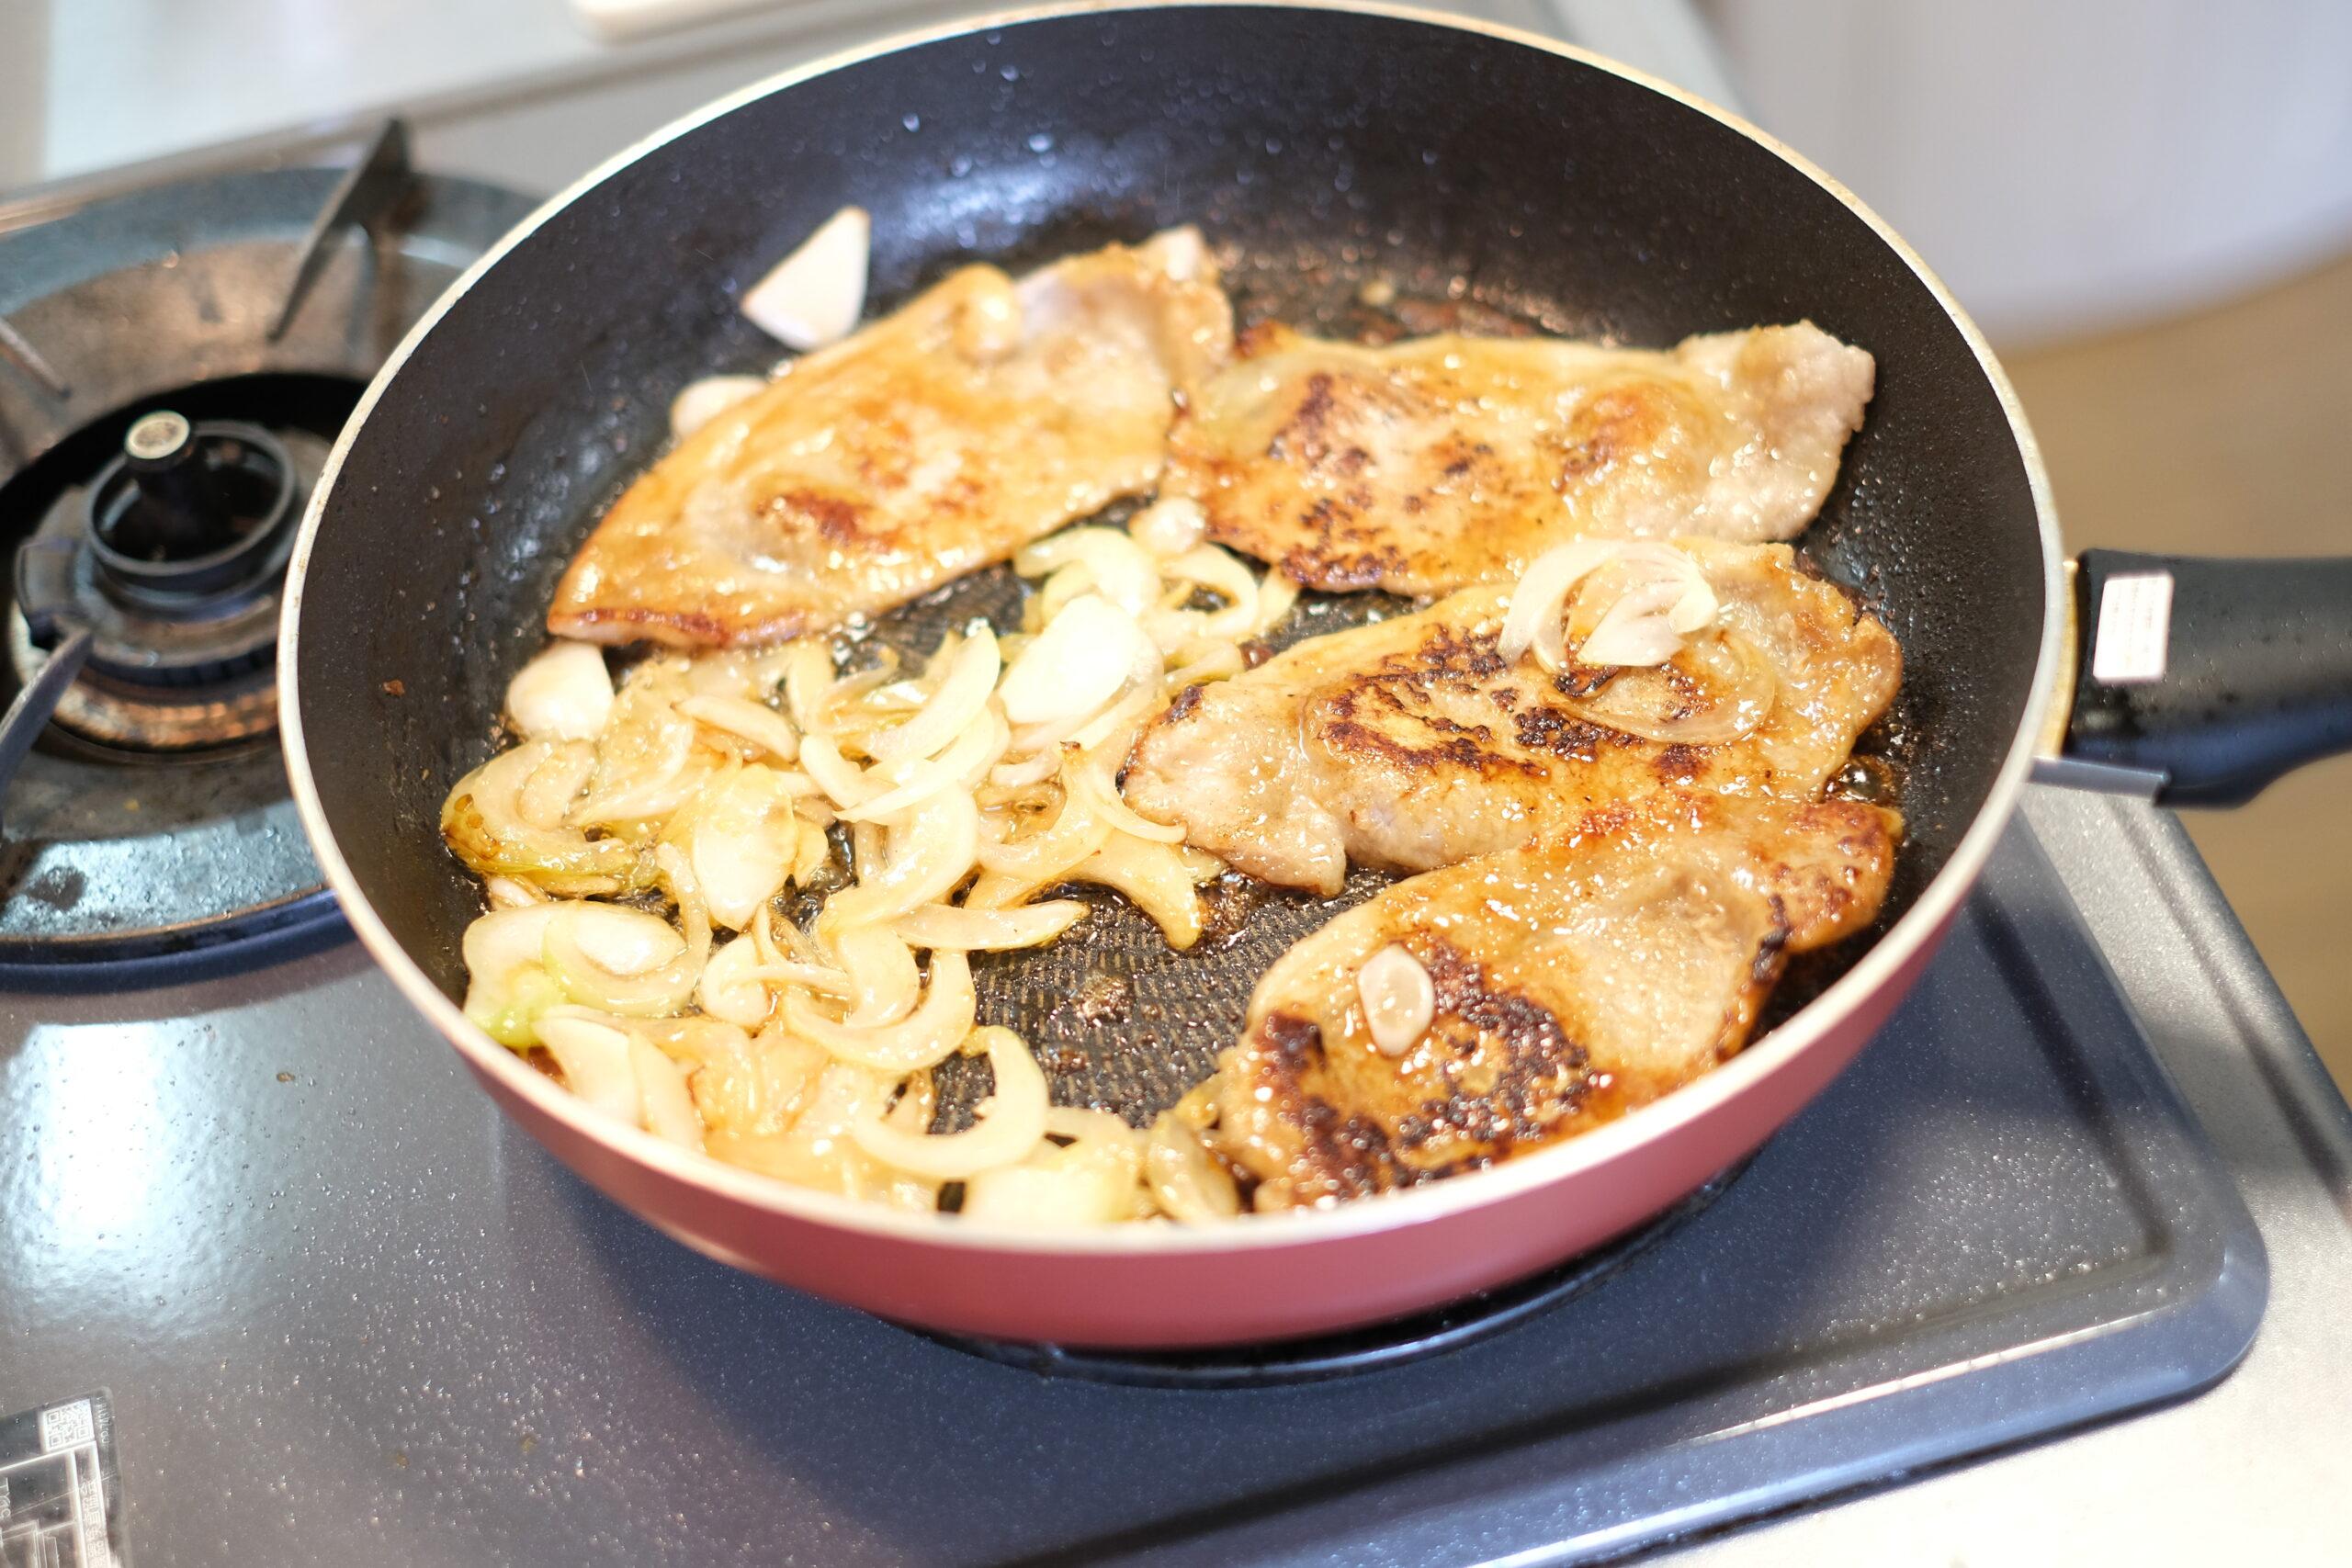 煮立った合わせ調味料を煮からめて両面軽く焼いた状態の画像です